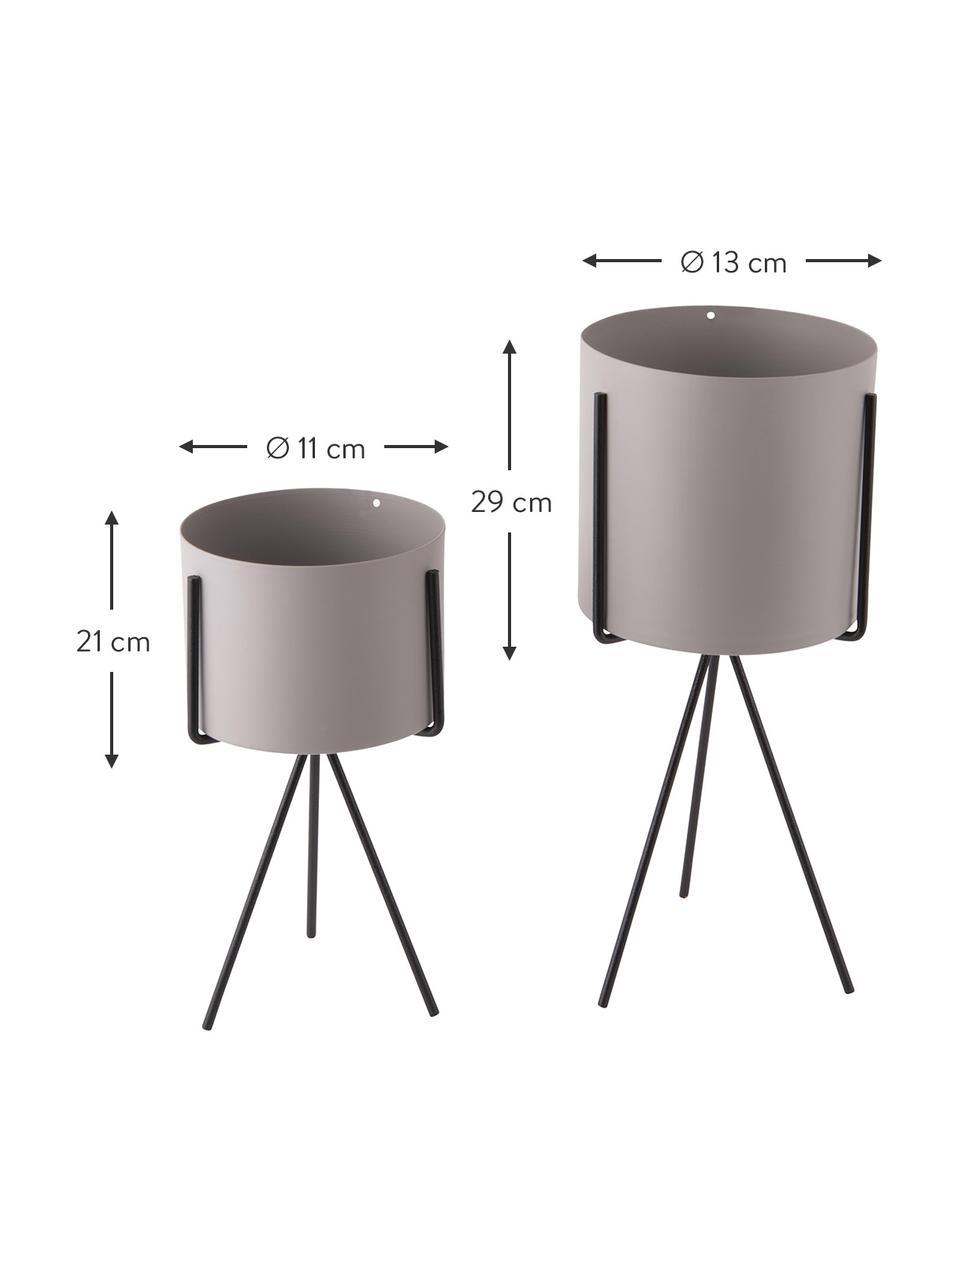 Komplet osłonek na doniczkę z metalu Pedestal, 2 elem., Metal powlekany, Szary, czarny, Komplet z różnymi rozmiarami